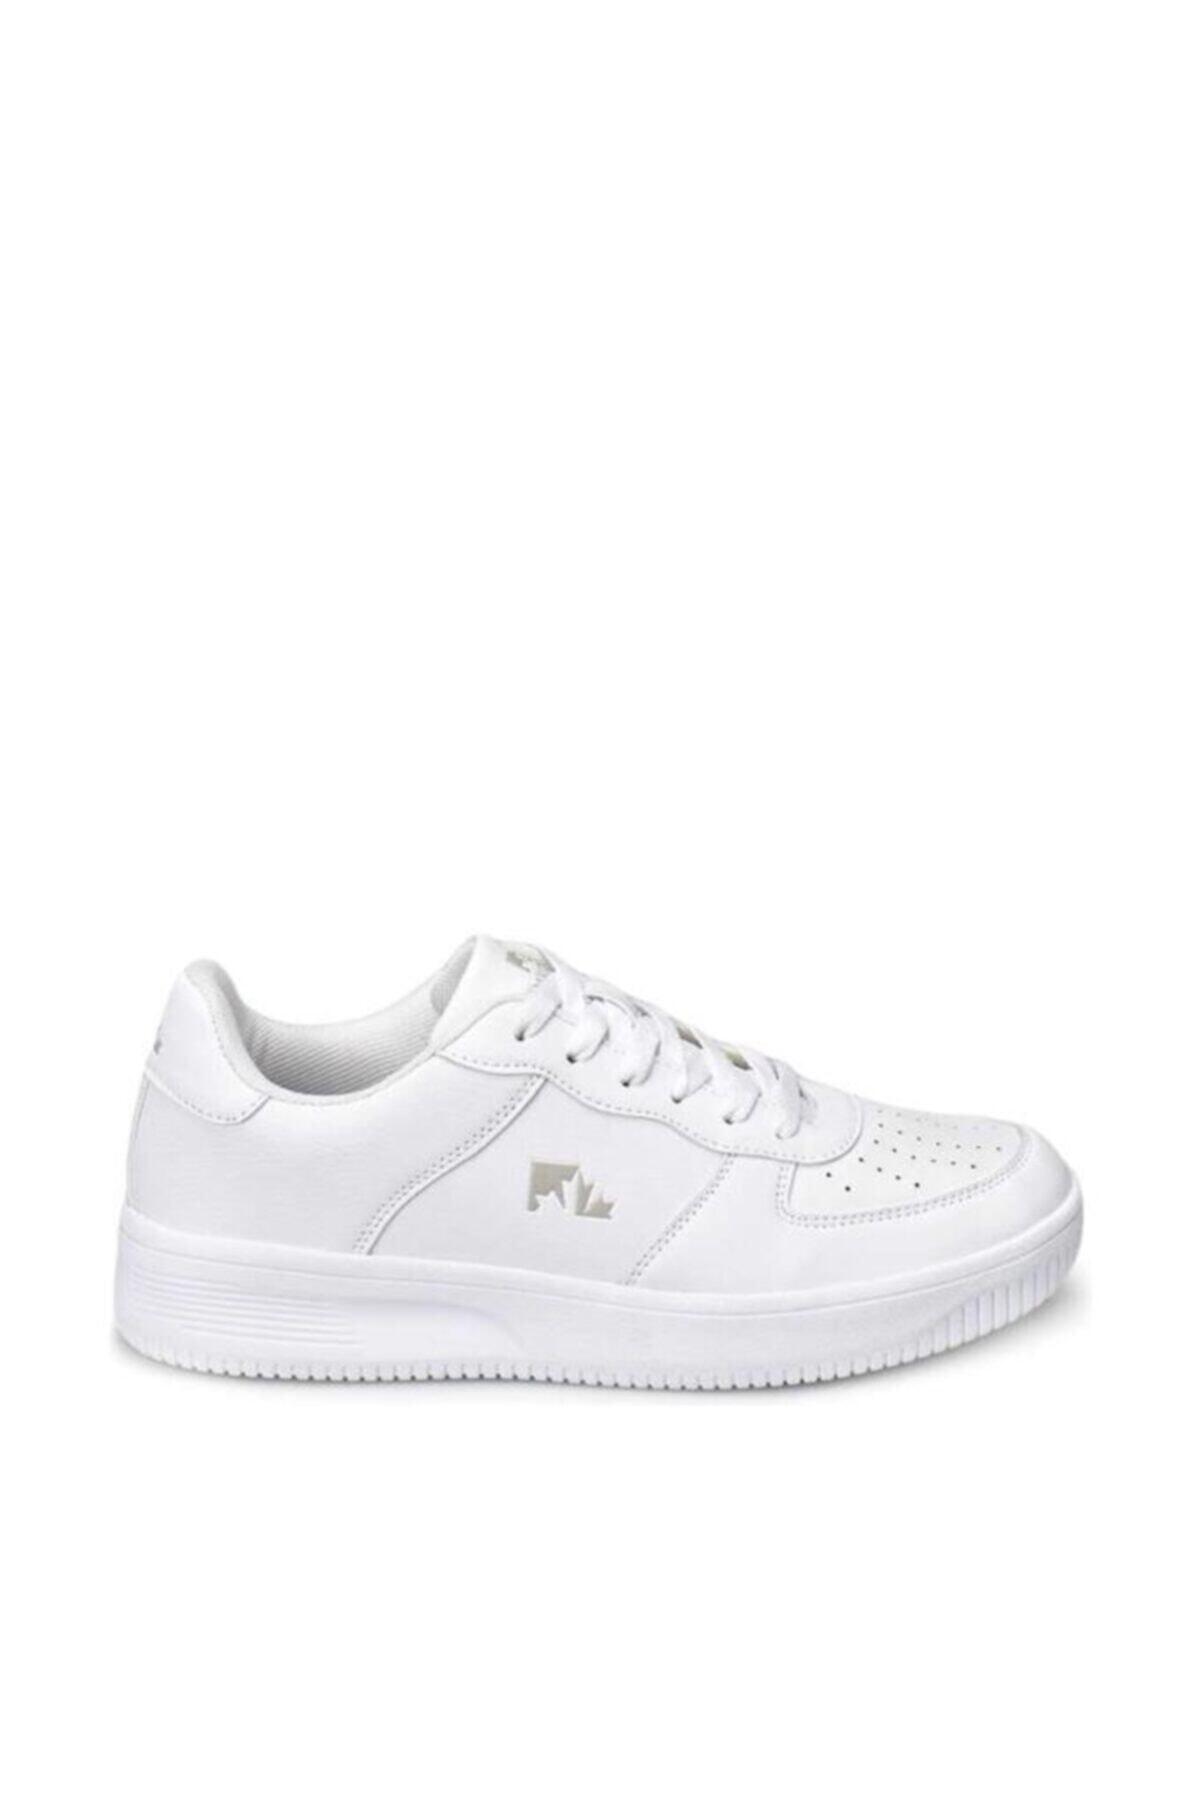 lumberjack Finster Beyaz Erkek Sneaker Ayakkabı 100323008 1